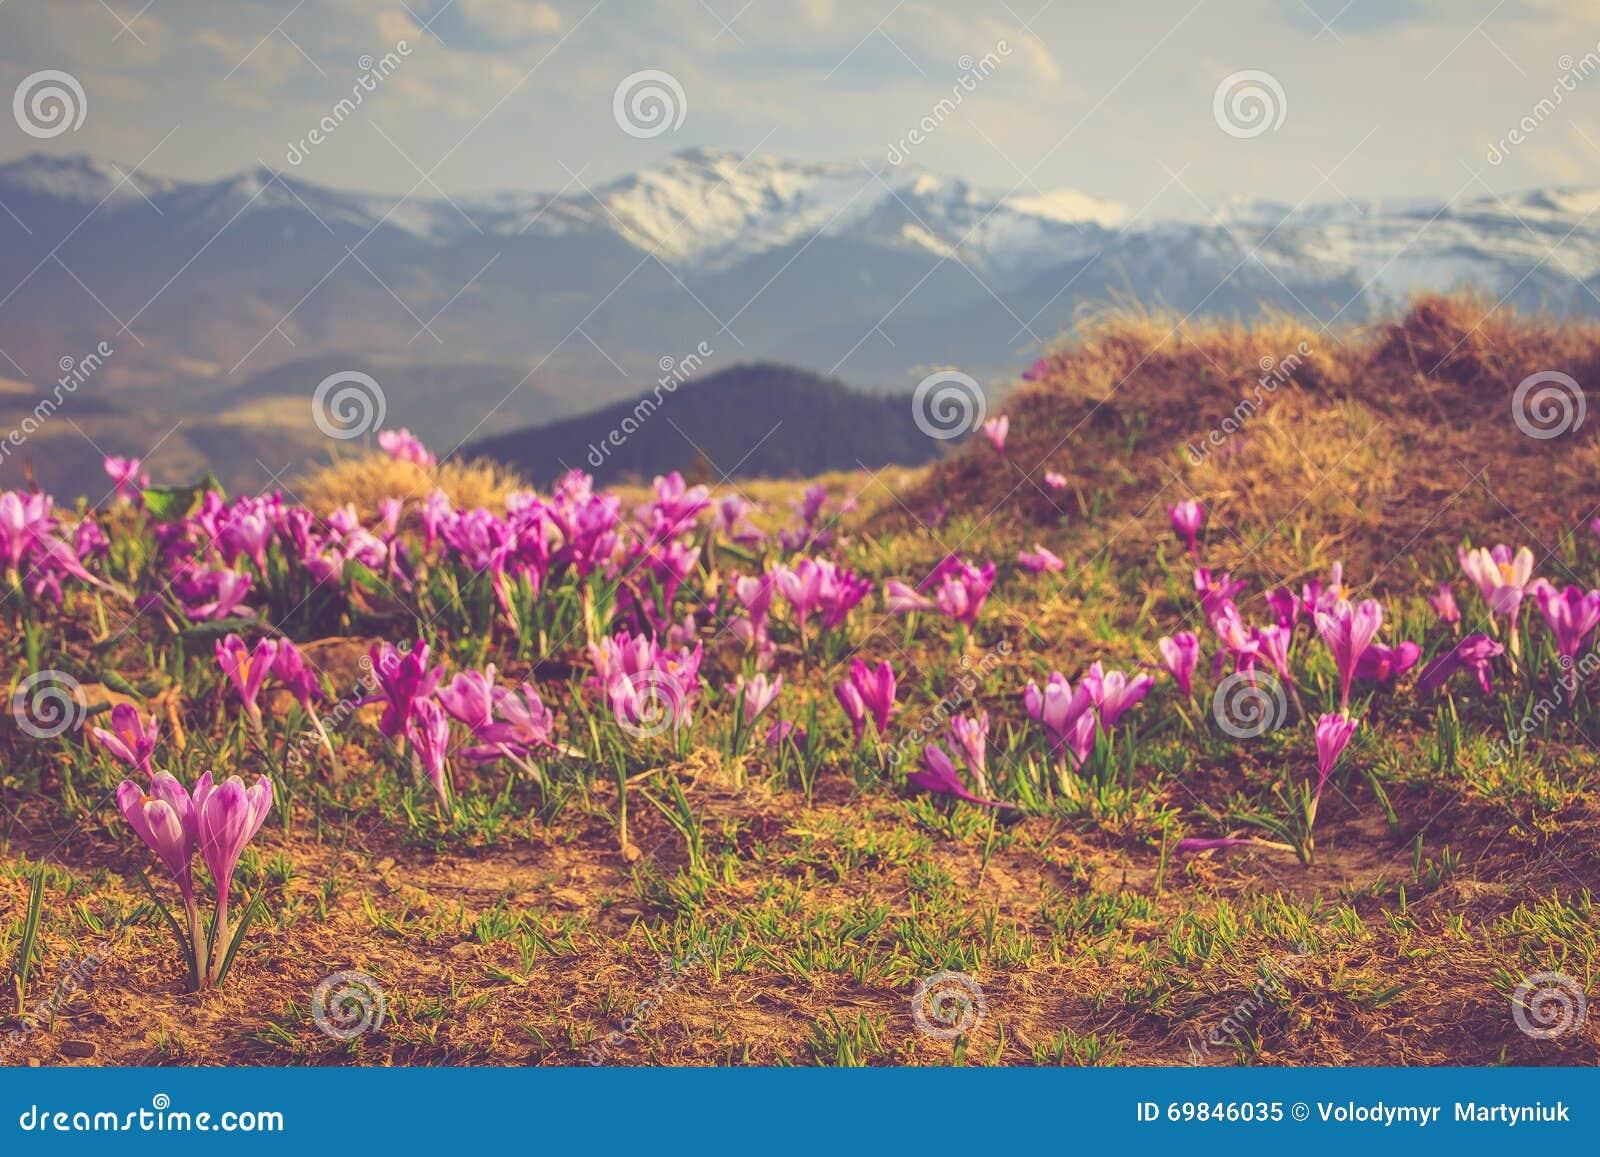 Sikt av en äng av blommande krokusar i bergen